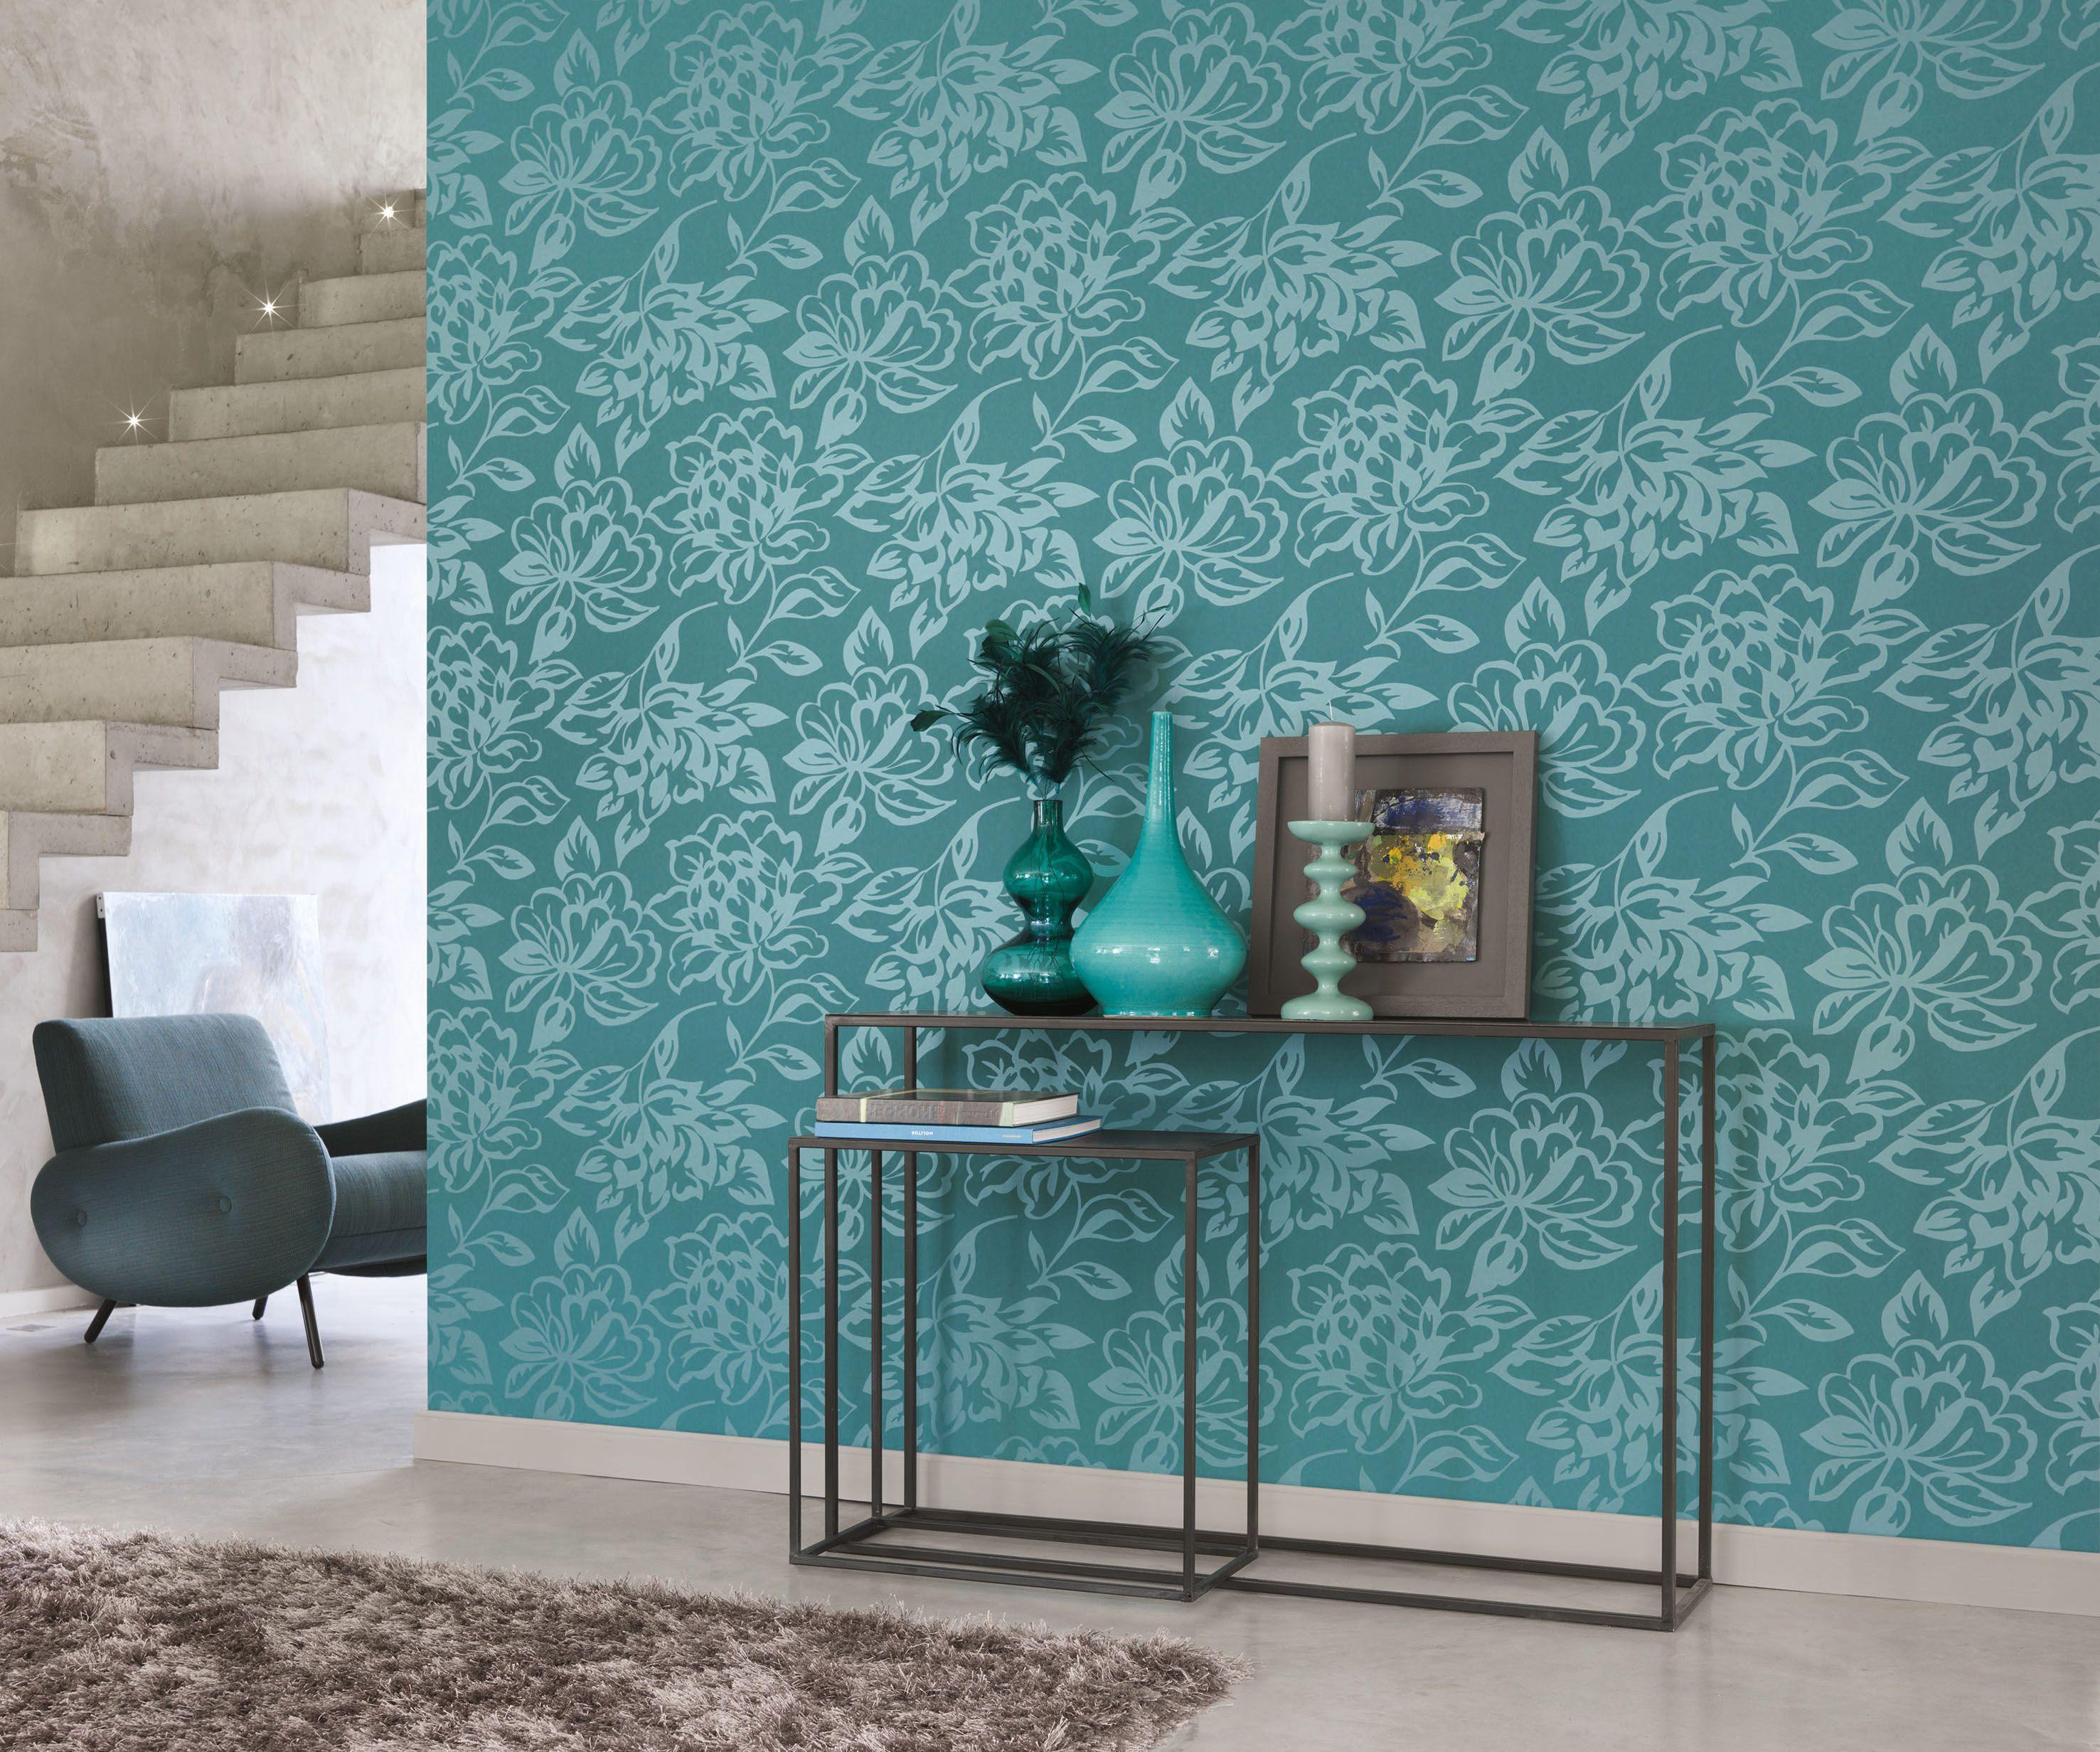 Wandtapete Wohnzimmer ~ 14 besten luxus tapete bilder auf pinterest luxus tapeten